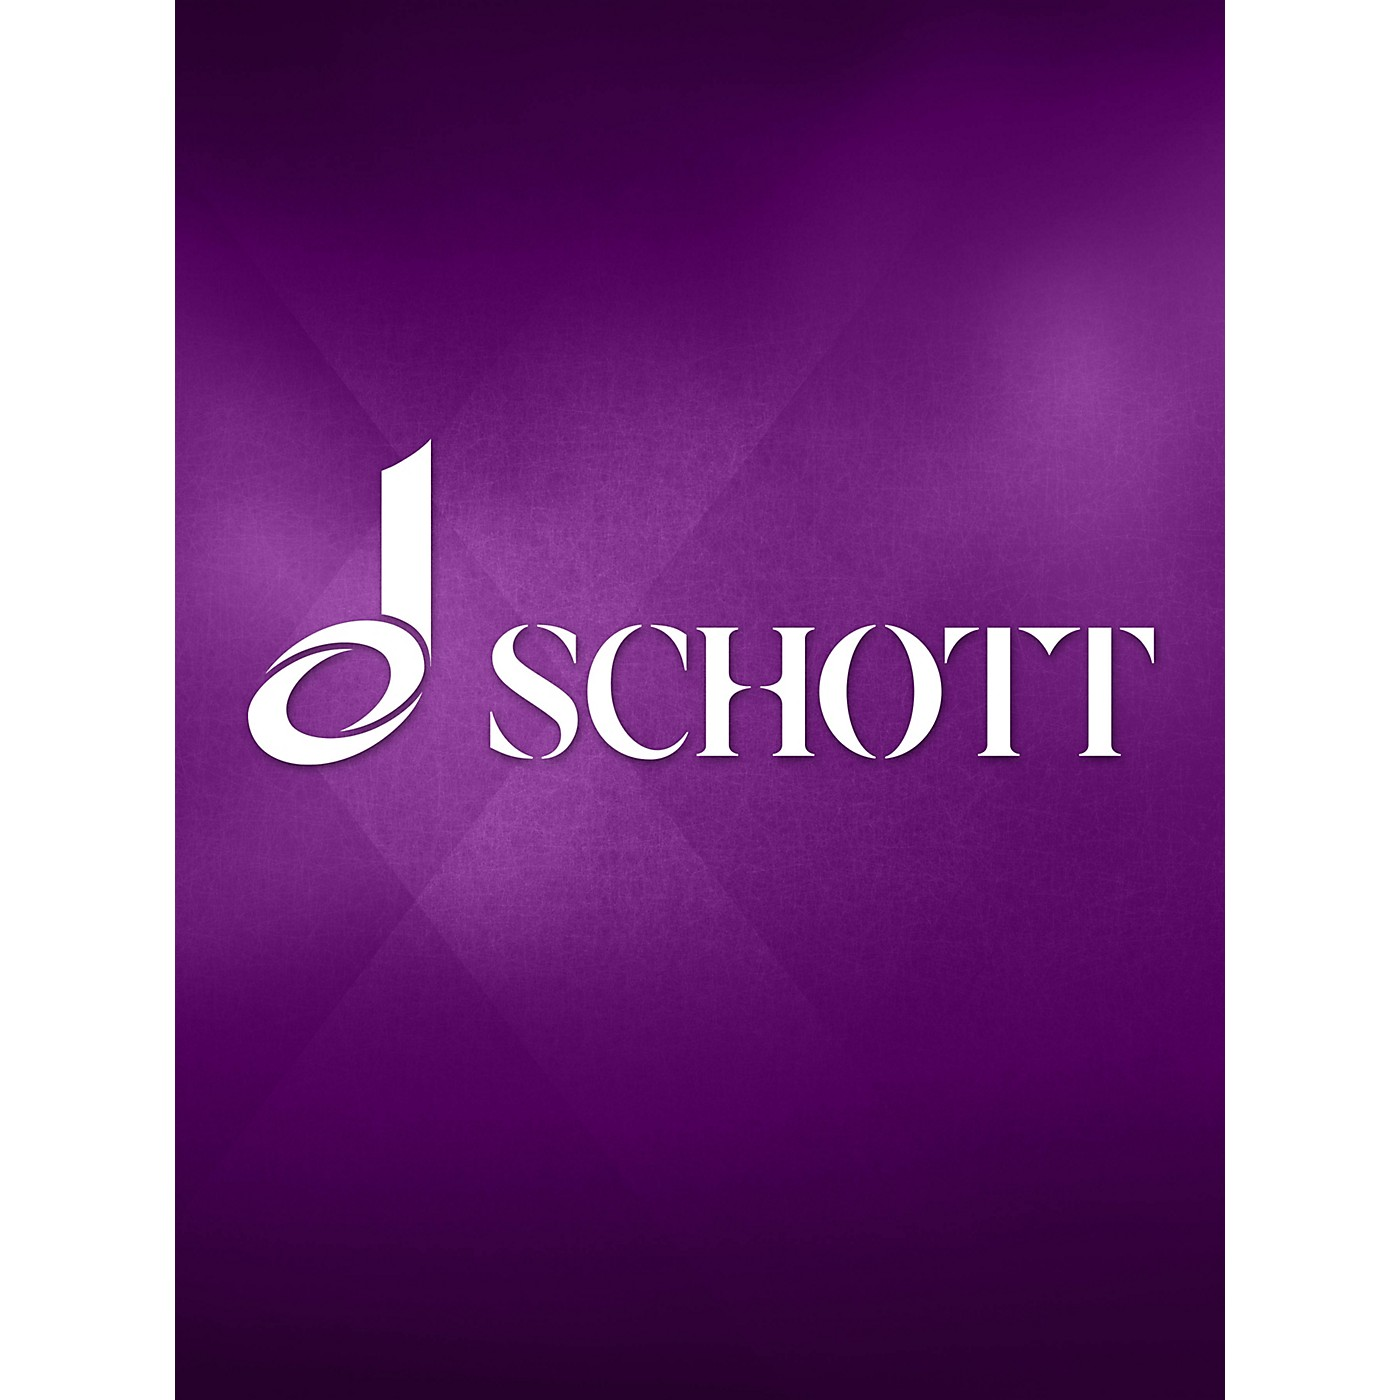 Schott Spielbuch für Xylophone - 2 Players Schott Series thumbnail